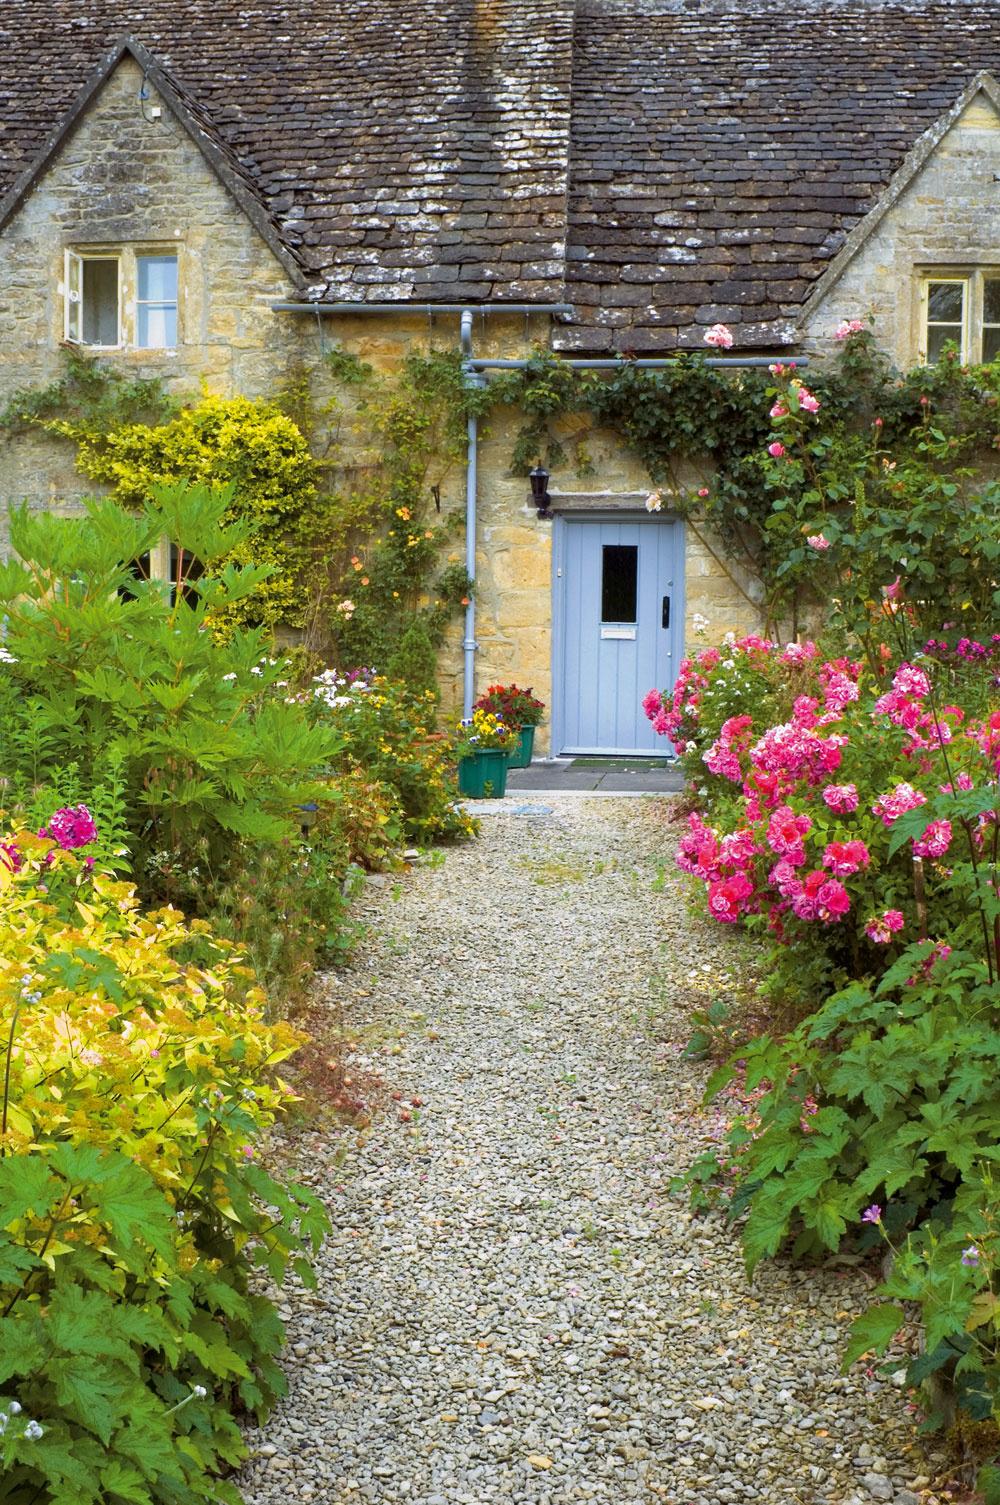 Katraktivite chodníkov prispieva okolitá výsadba. Vhodné sú kompaktné anižšie kvitnúce trvalky, prípadne aromatické rastliny.